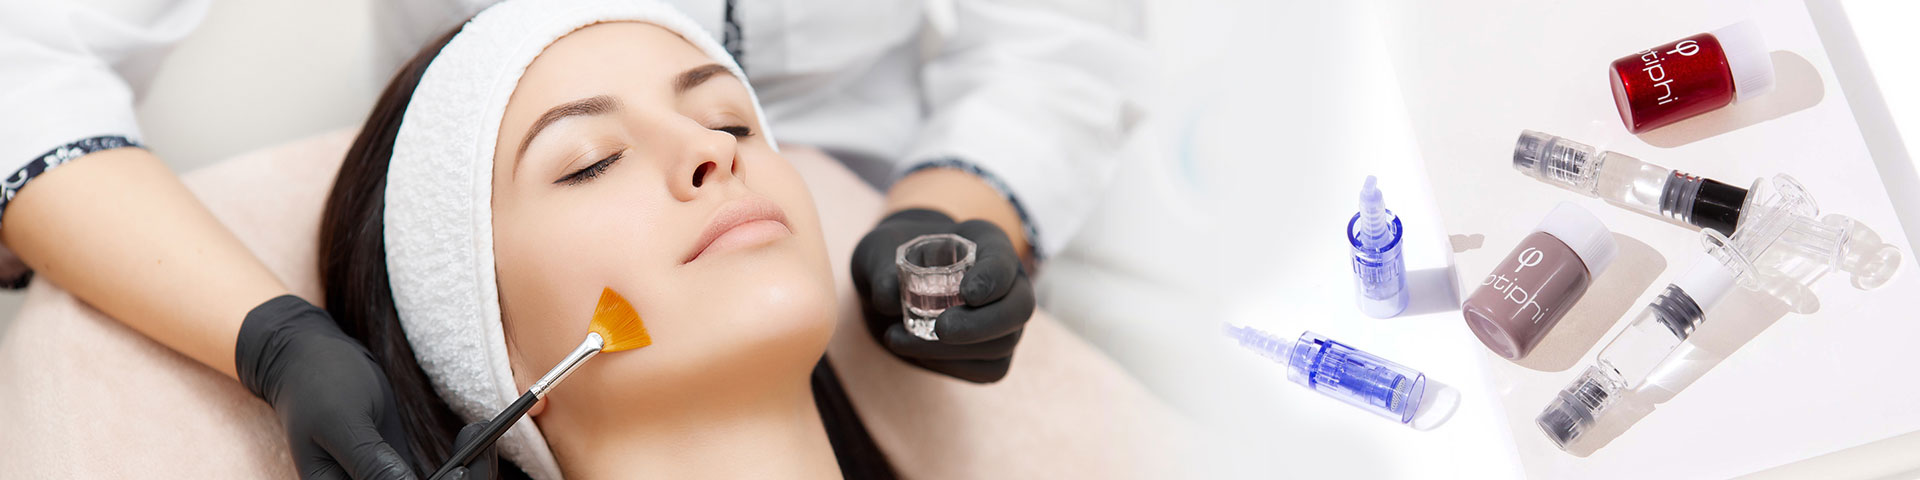 Junge Frau in der Kosmetikbehandlung mit Supplement